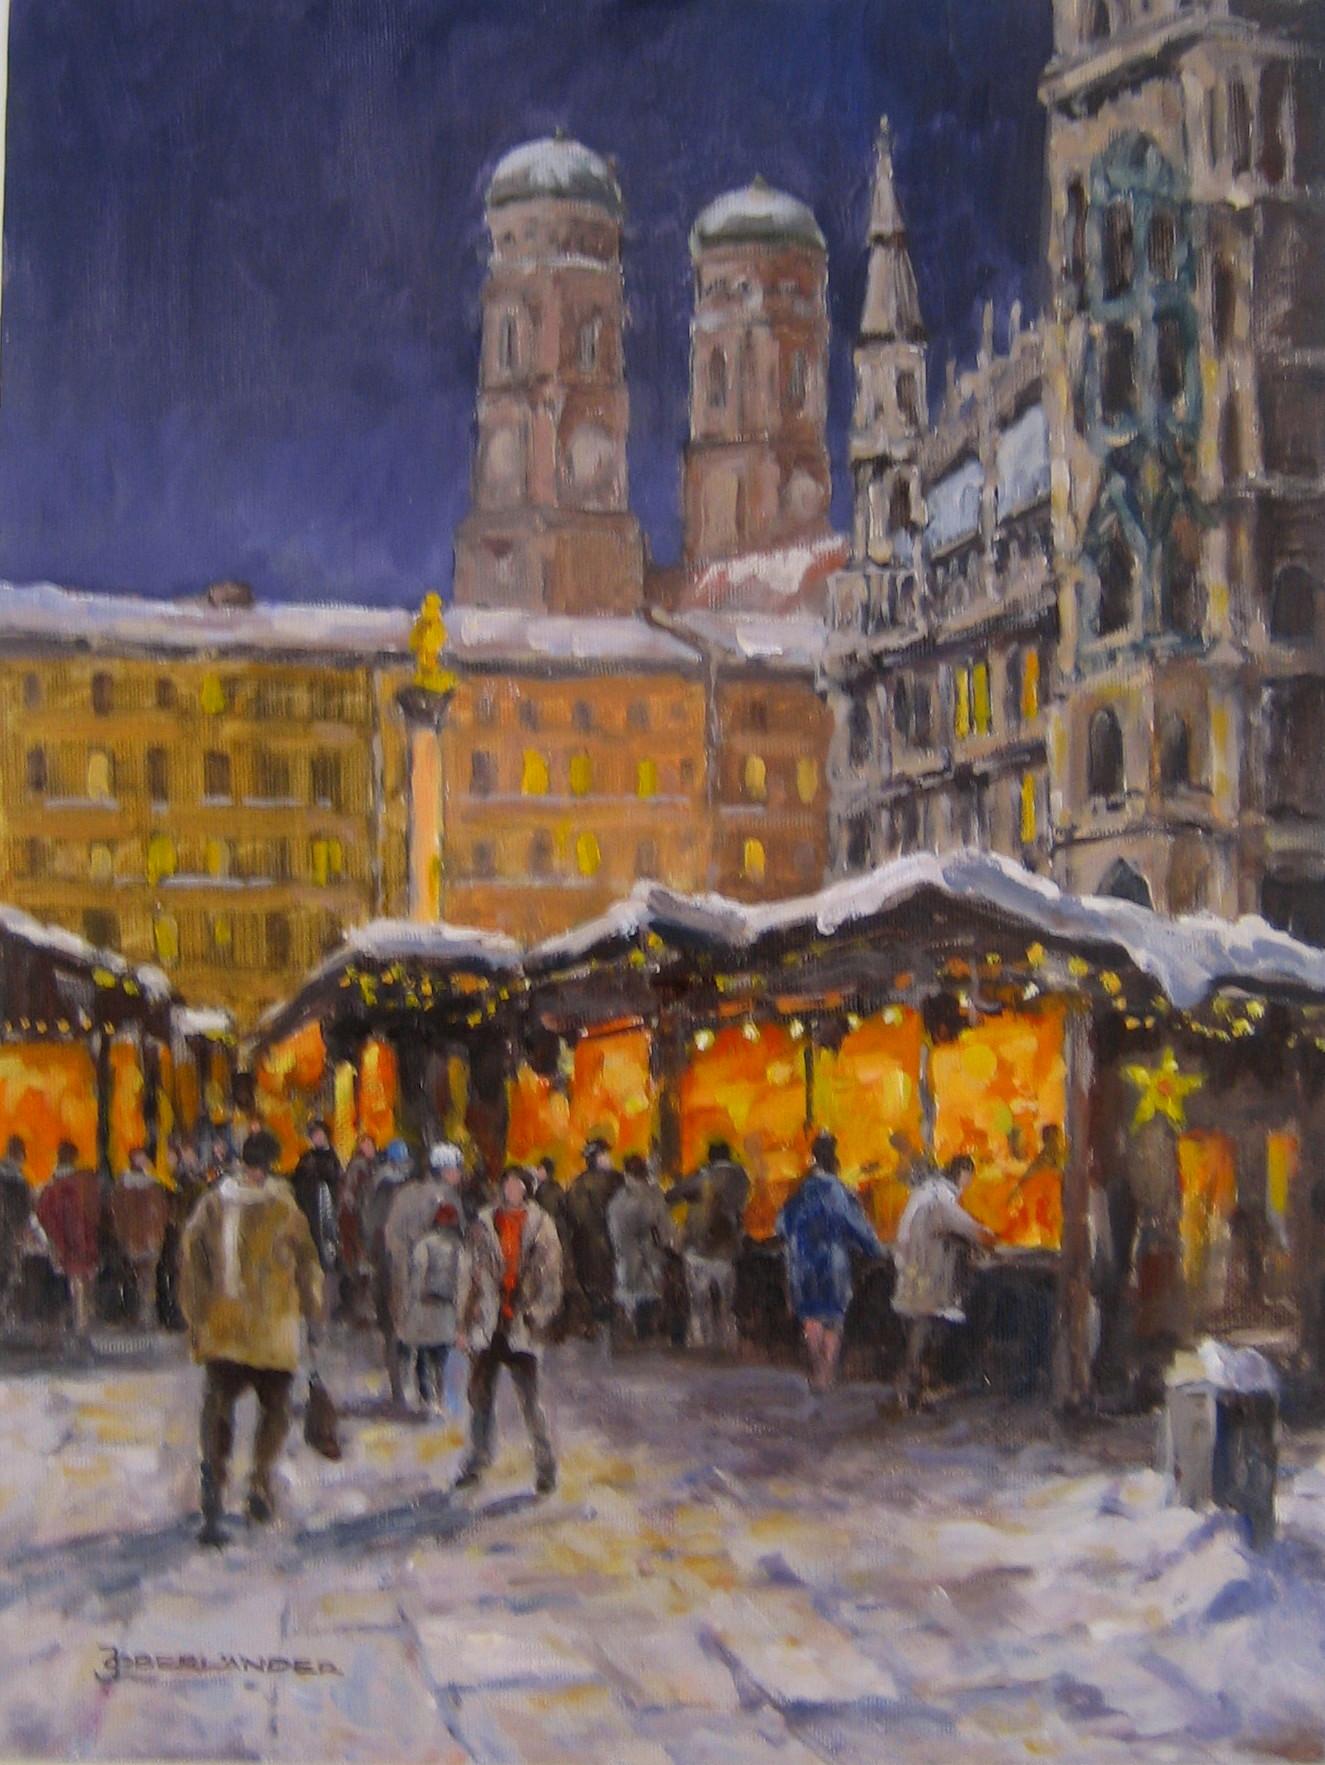 Weihnachtsmarkt_Marienplatz_München_2__4